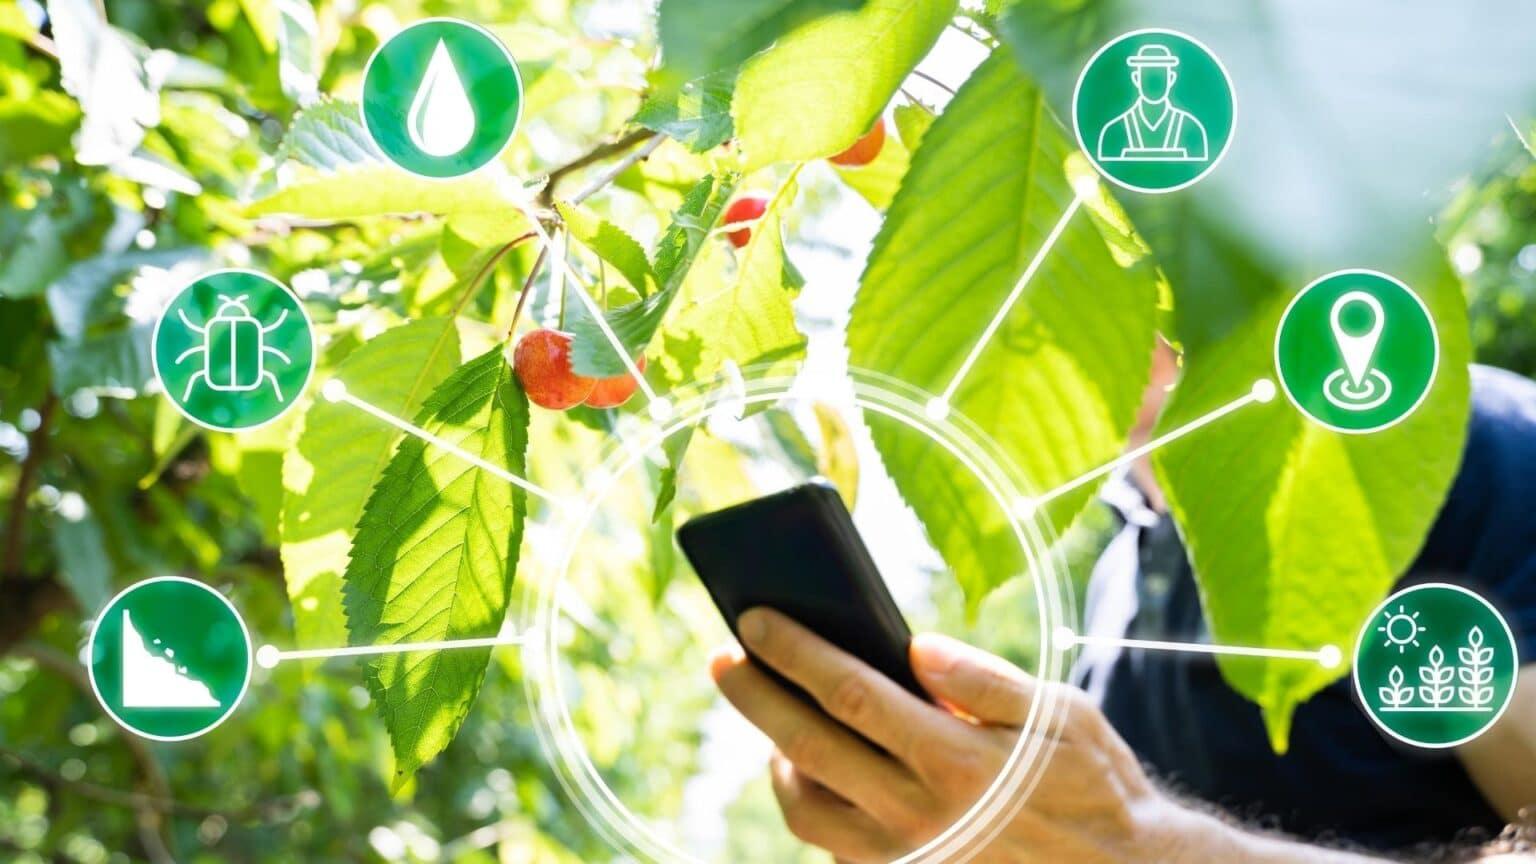 El monitoreo integral es la tendencia al dolor de la multiplicidad de datos que existen en el mundo agrícola